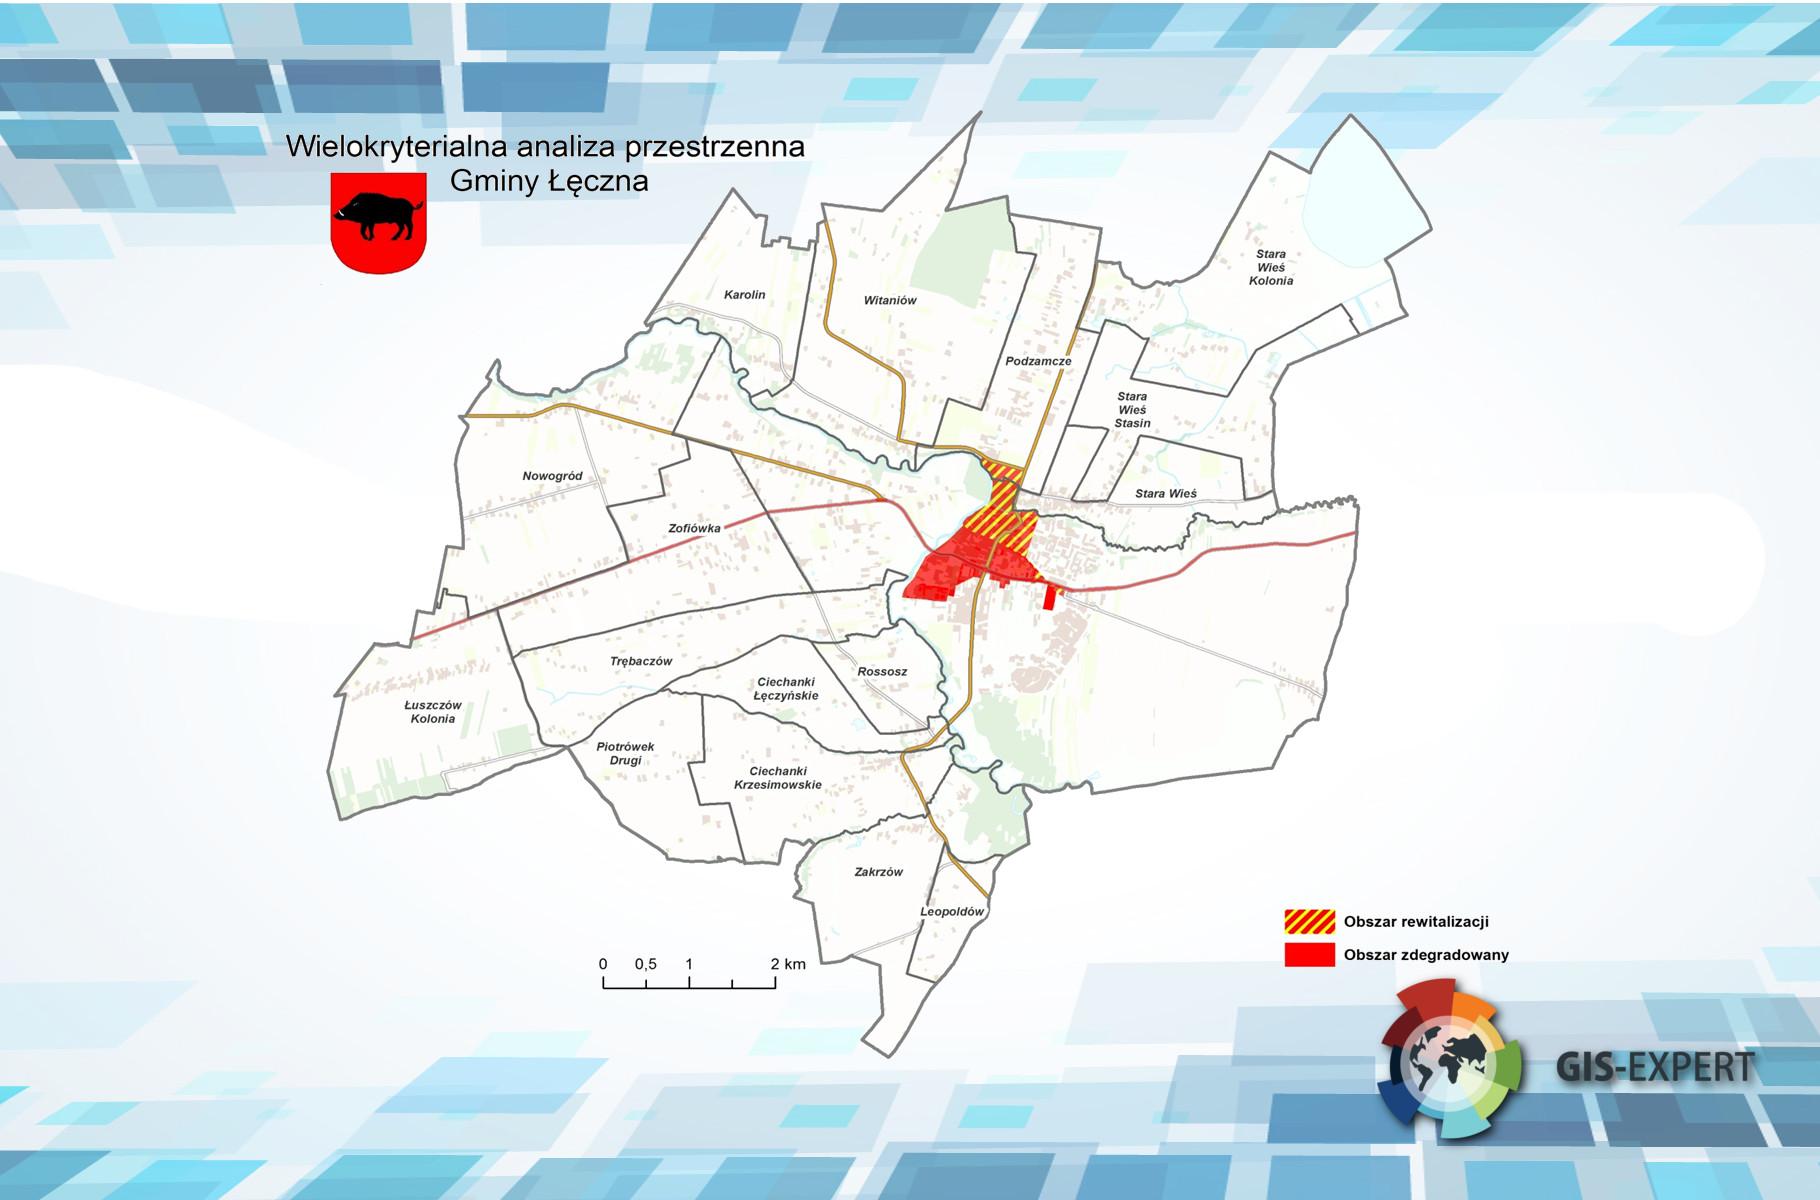 Rys. 4. Przykładowa mapa prezentująca obszar zdegradowany oraz obszar rewitalizacji